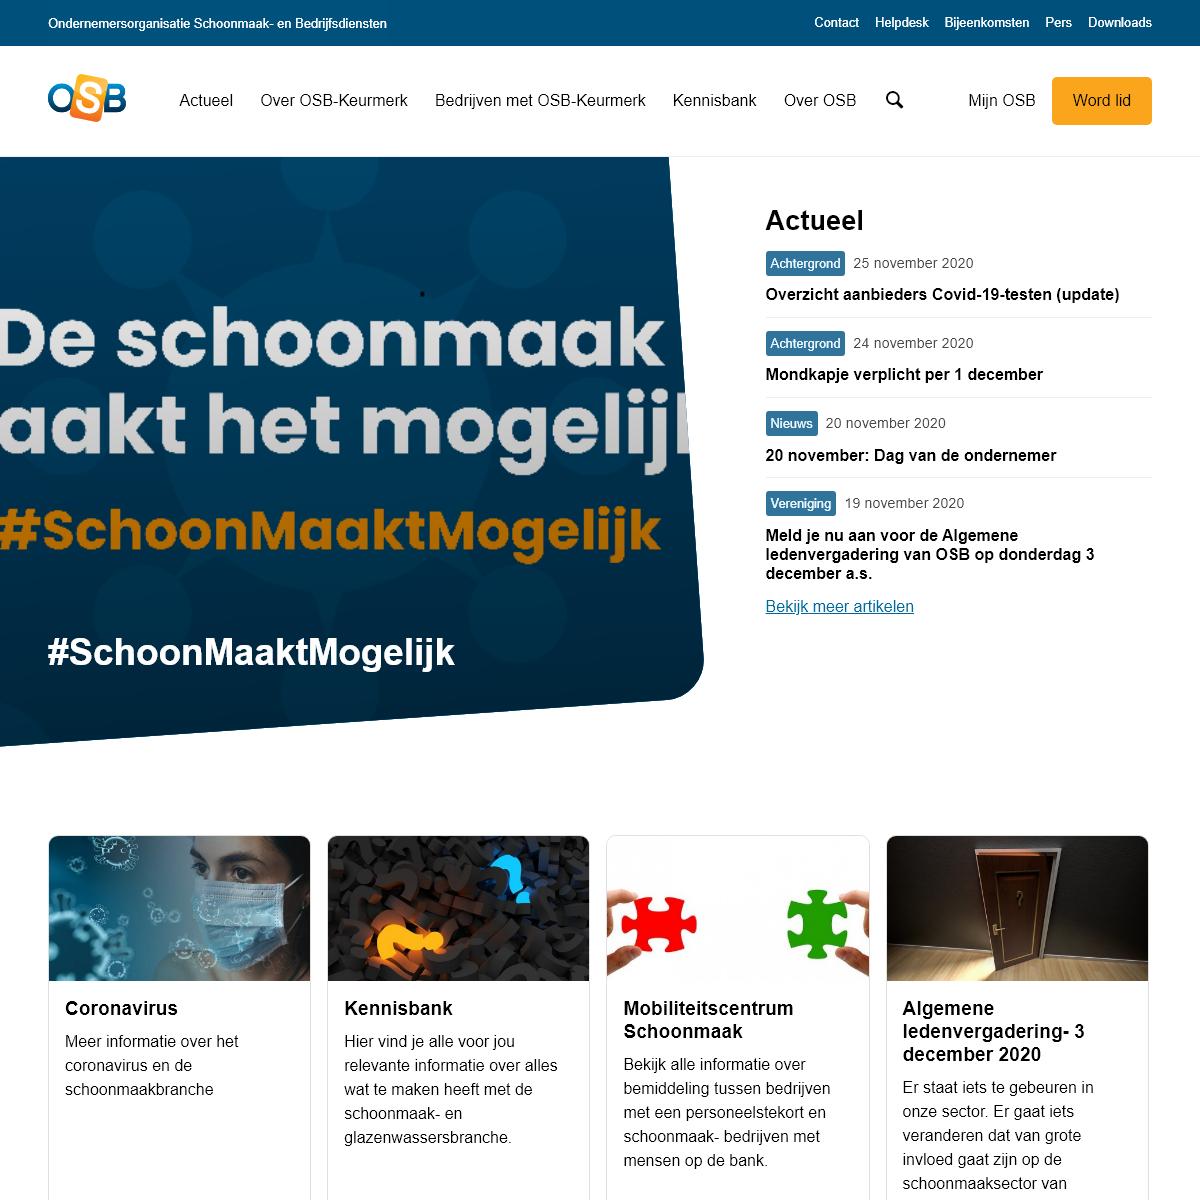 Home - Ondernemersorganisatie Schoonmaak- en Bedrijfsdiensten (OSB)